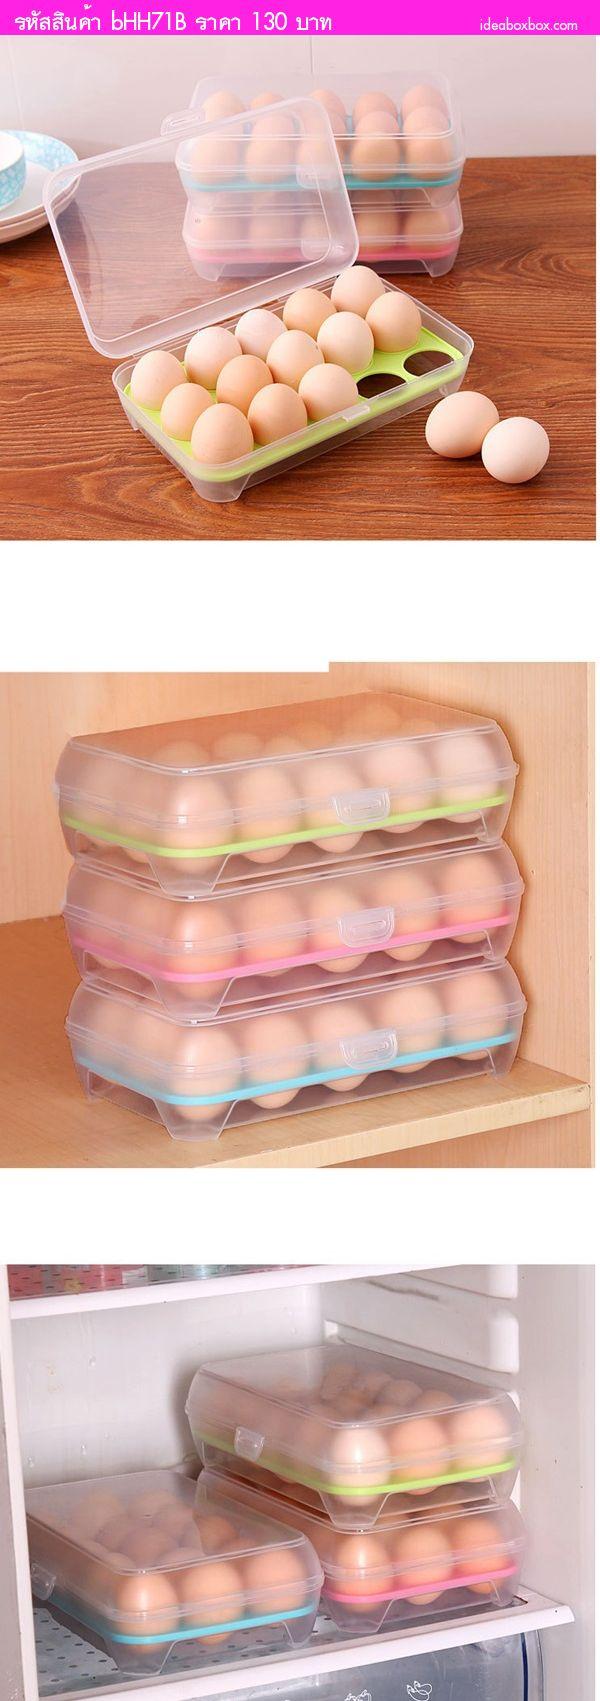 กล่องพลาสติกเก็บไข่ไก่ 15 ช่อง สีฟ้า